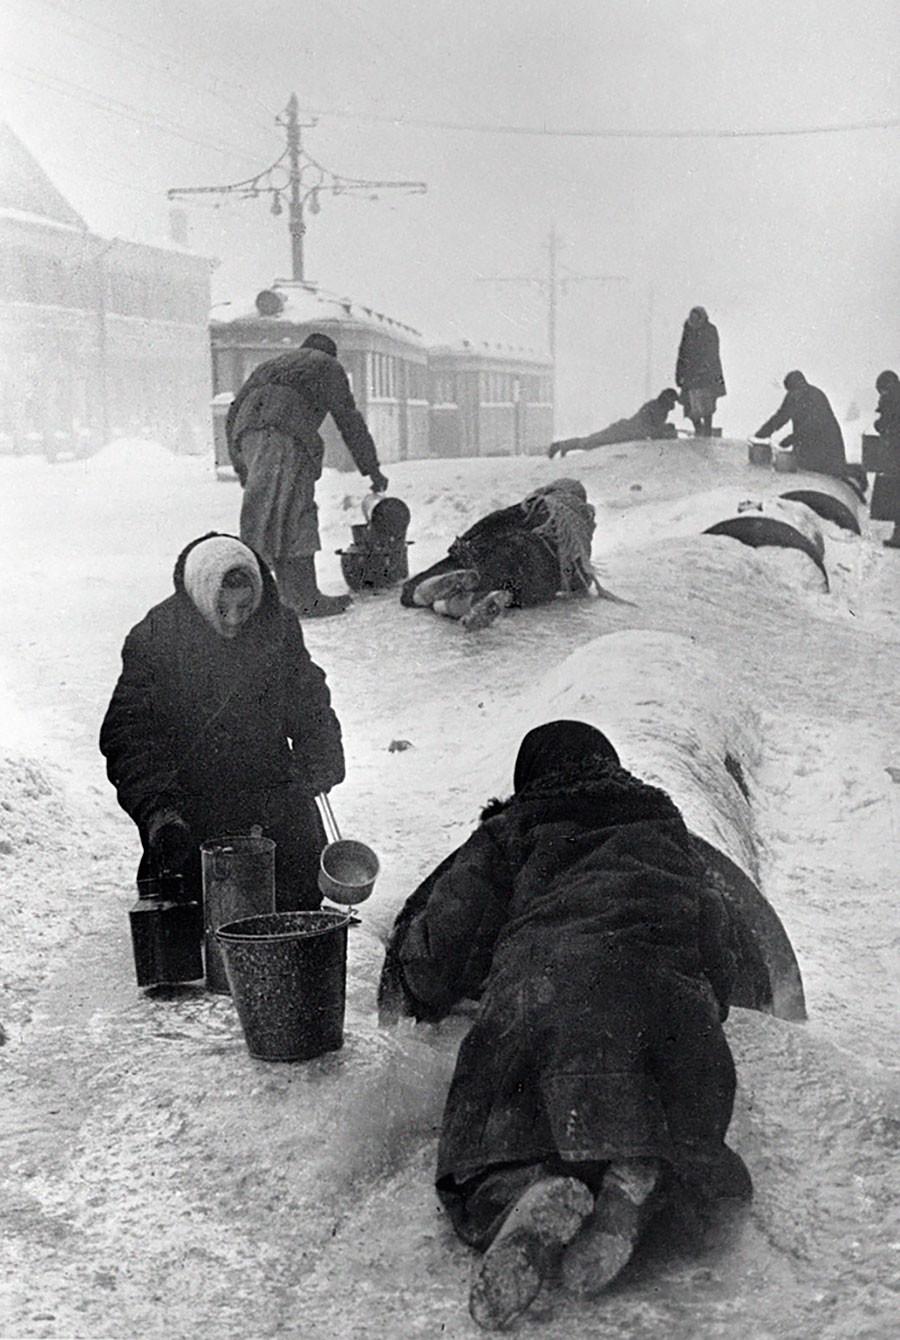 Habitantes de la asediada Leningrado sacan agua de una tubería rota en calles heladas, enero de 1942.